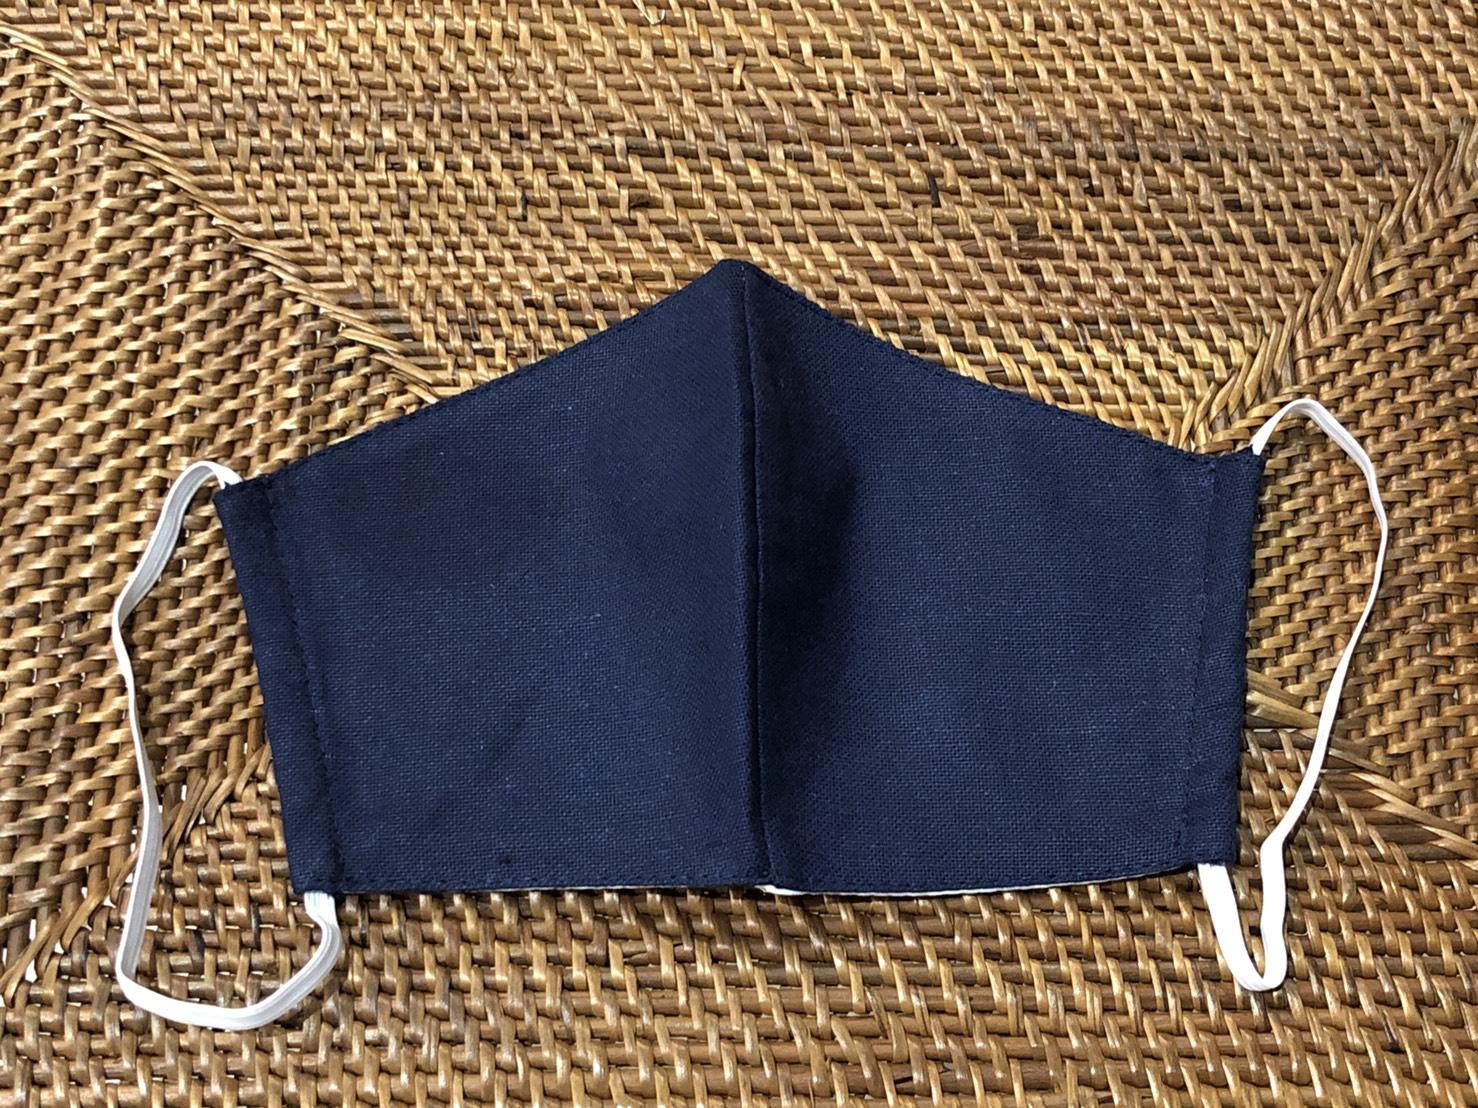 洗える リネン3層構造立体型マスク(ネイビー) 男女兼用( 大人用)【メーカー正規販売店】【10枚までメール便配送可】